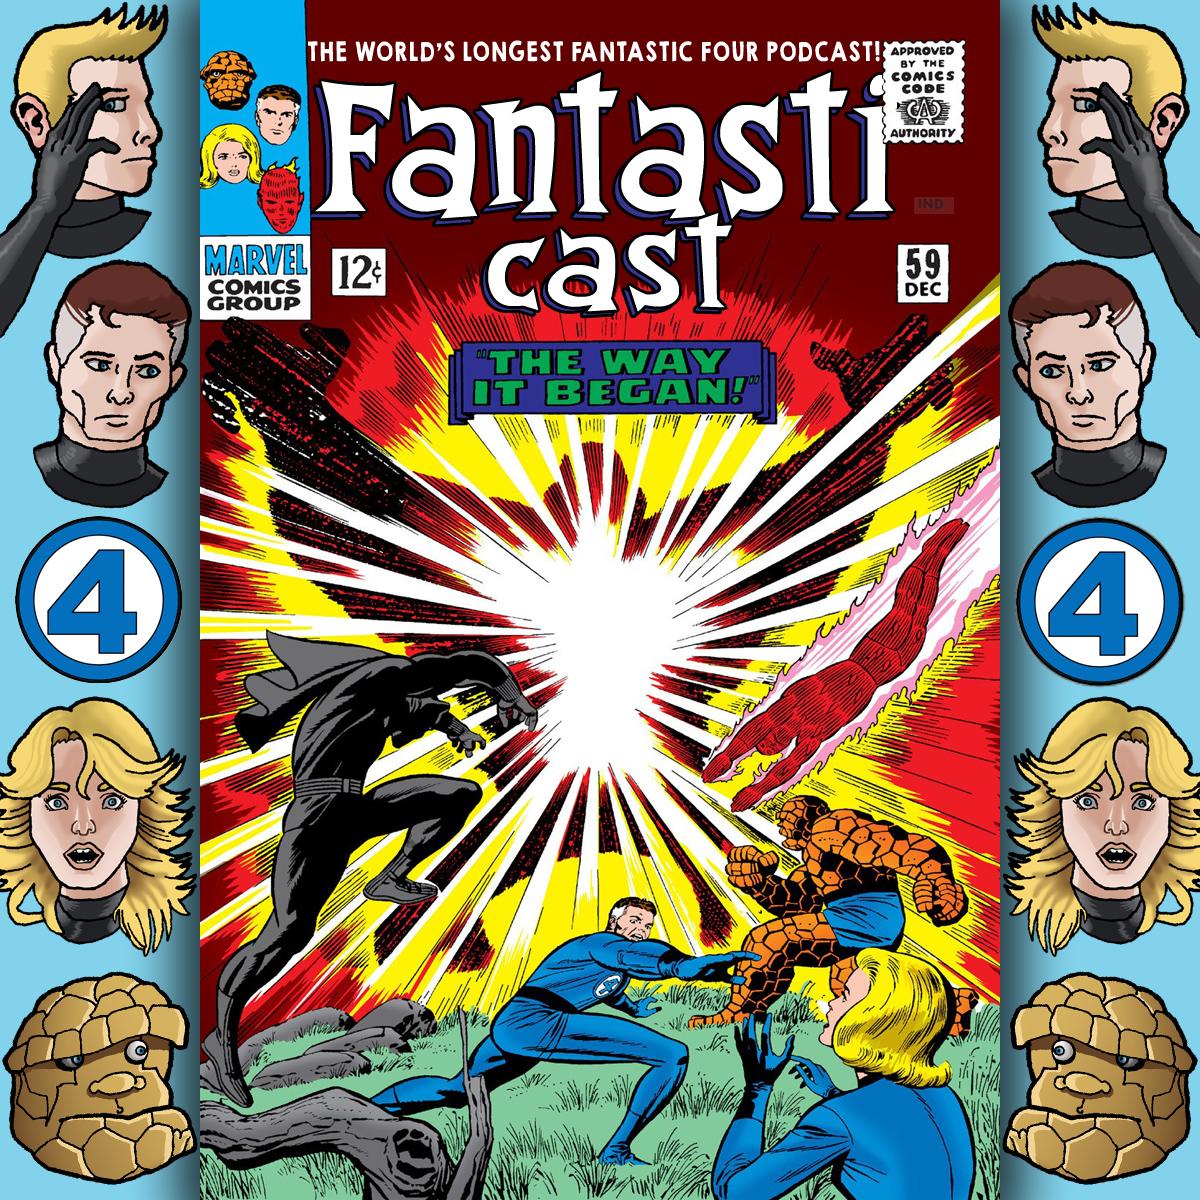 The Fantasticast Episode 59